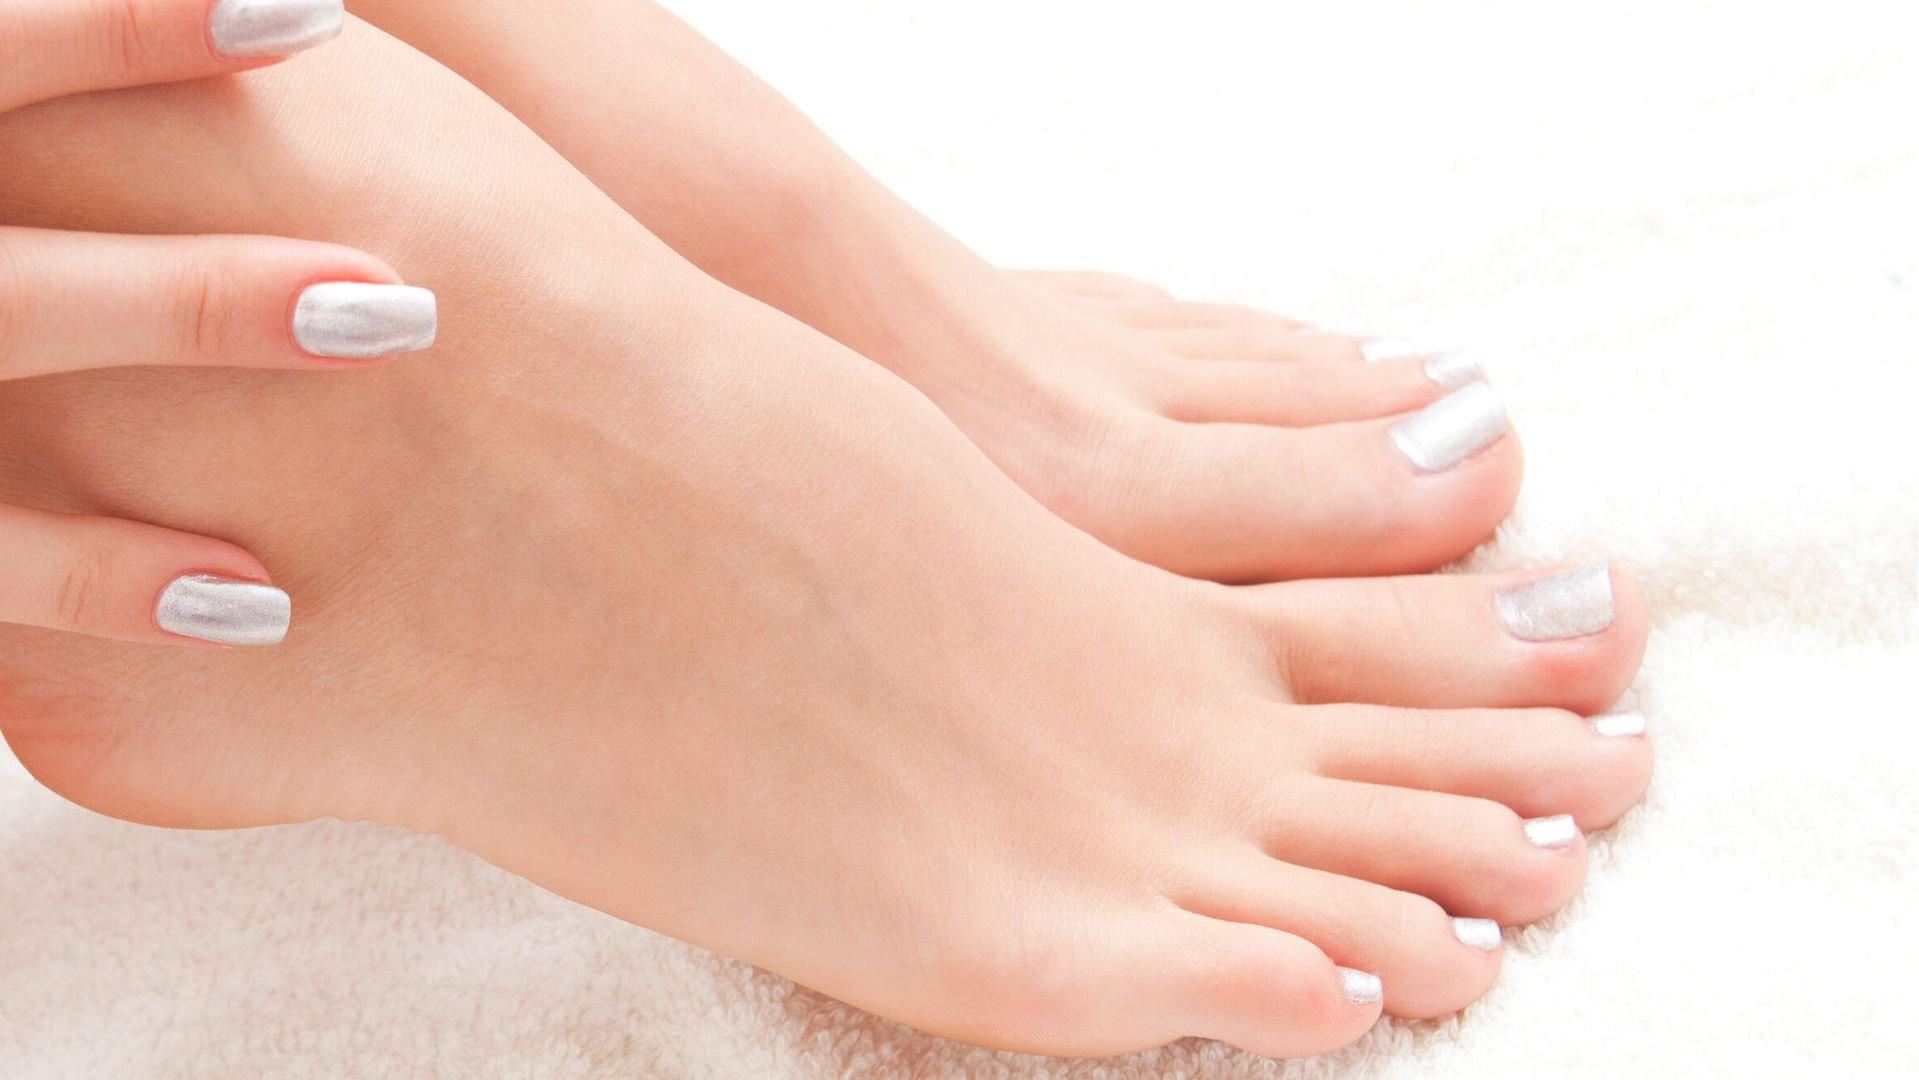 Un pedicure estetico o un pedicure professionale, con certificazione del metodo Podocuria, per piedi sempre curati e sani